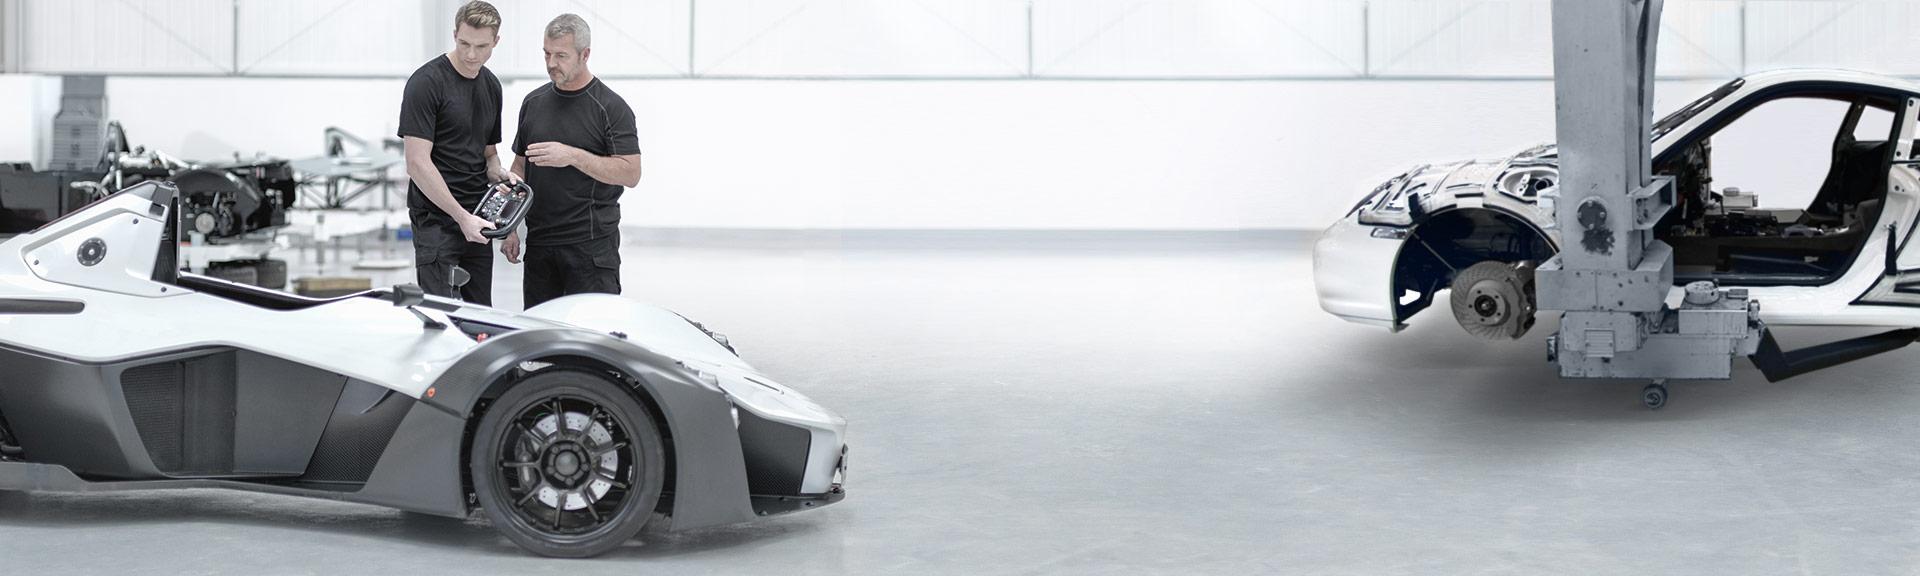 Lösungen für die Automobilindustrie